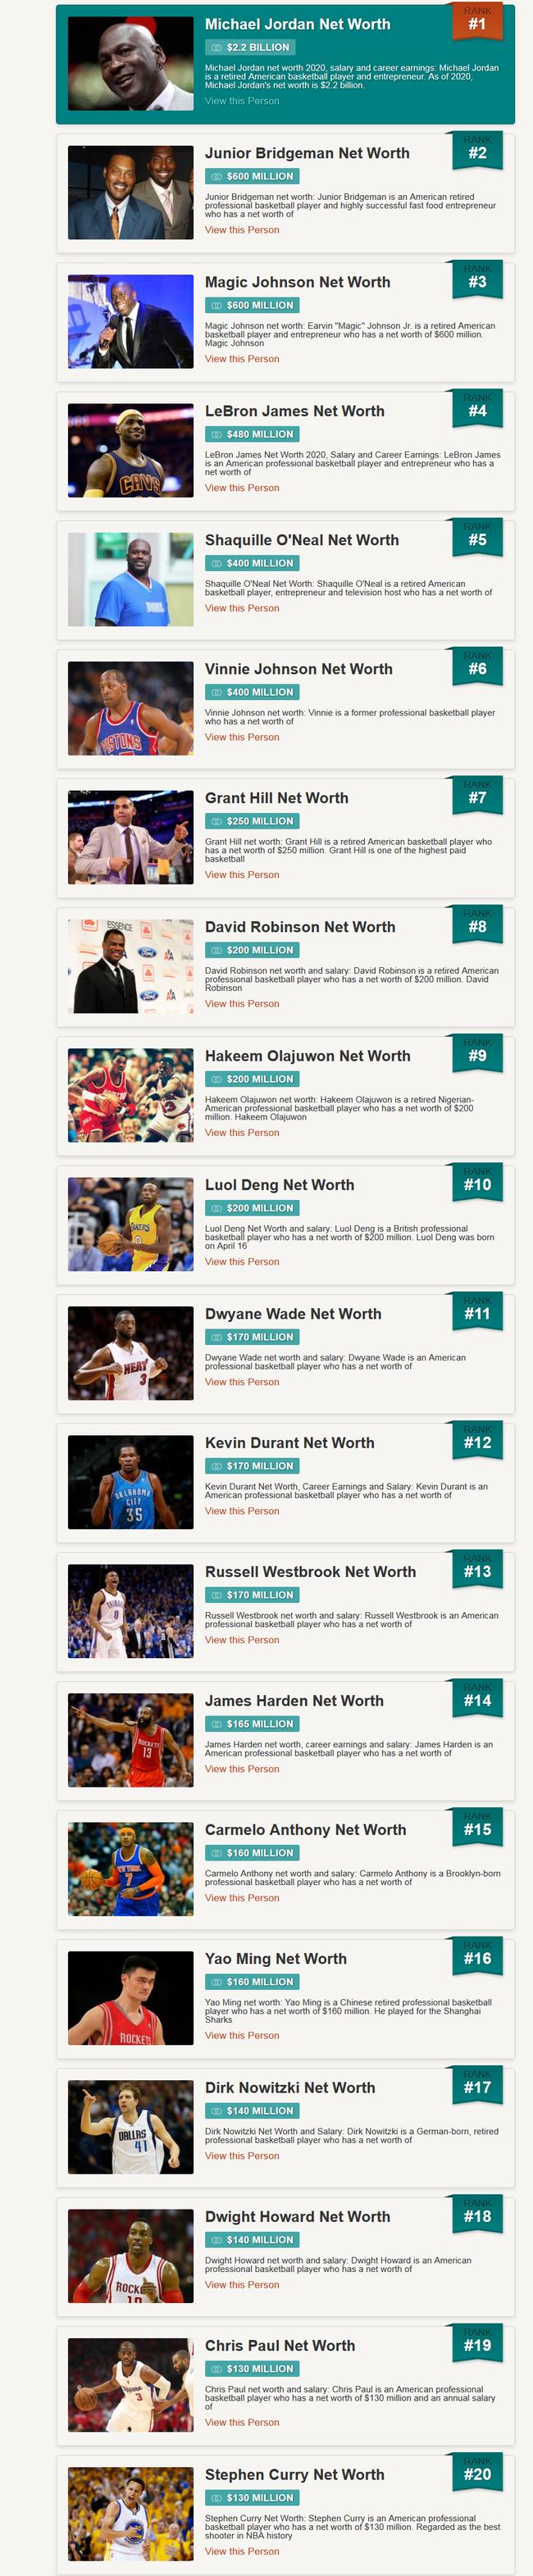 美媒发布NBA球星资产榜 乔丹22亿美元稳居第一